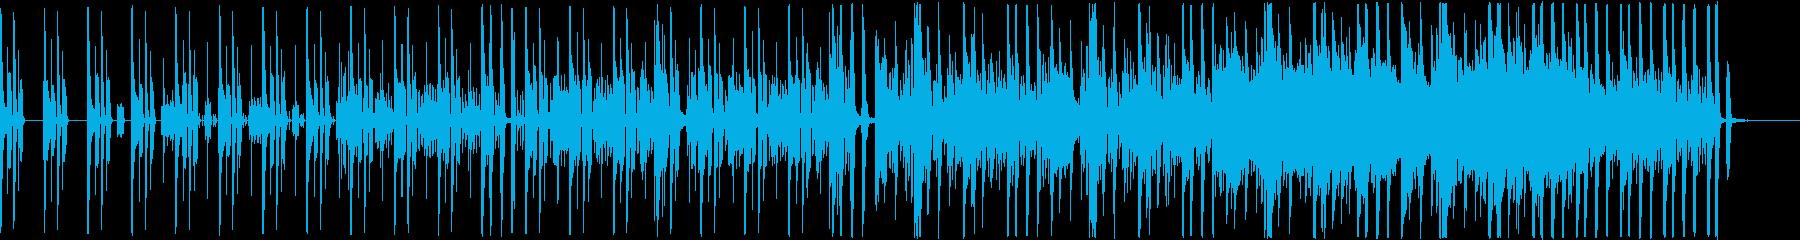 クールでスタイリッシュなエレクトロの再生済みの波形